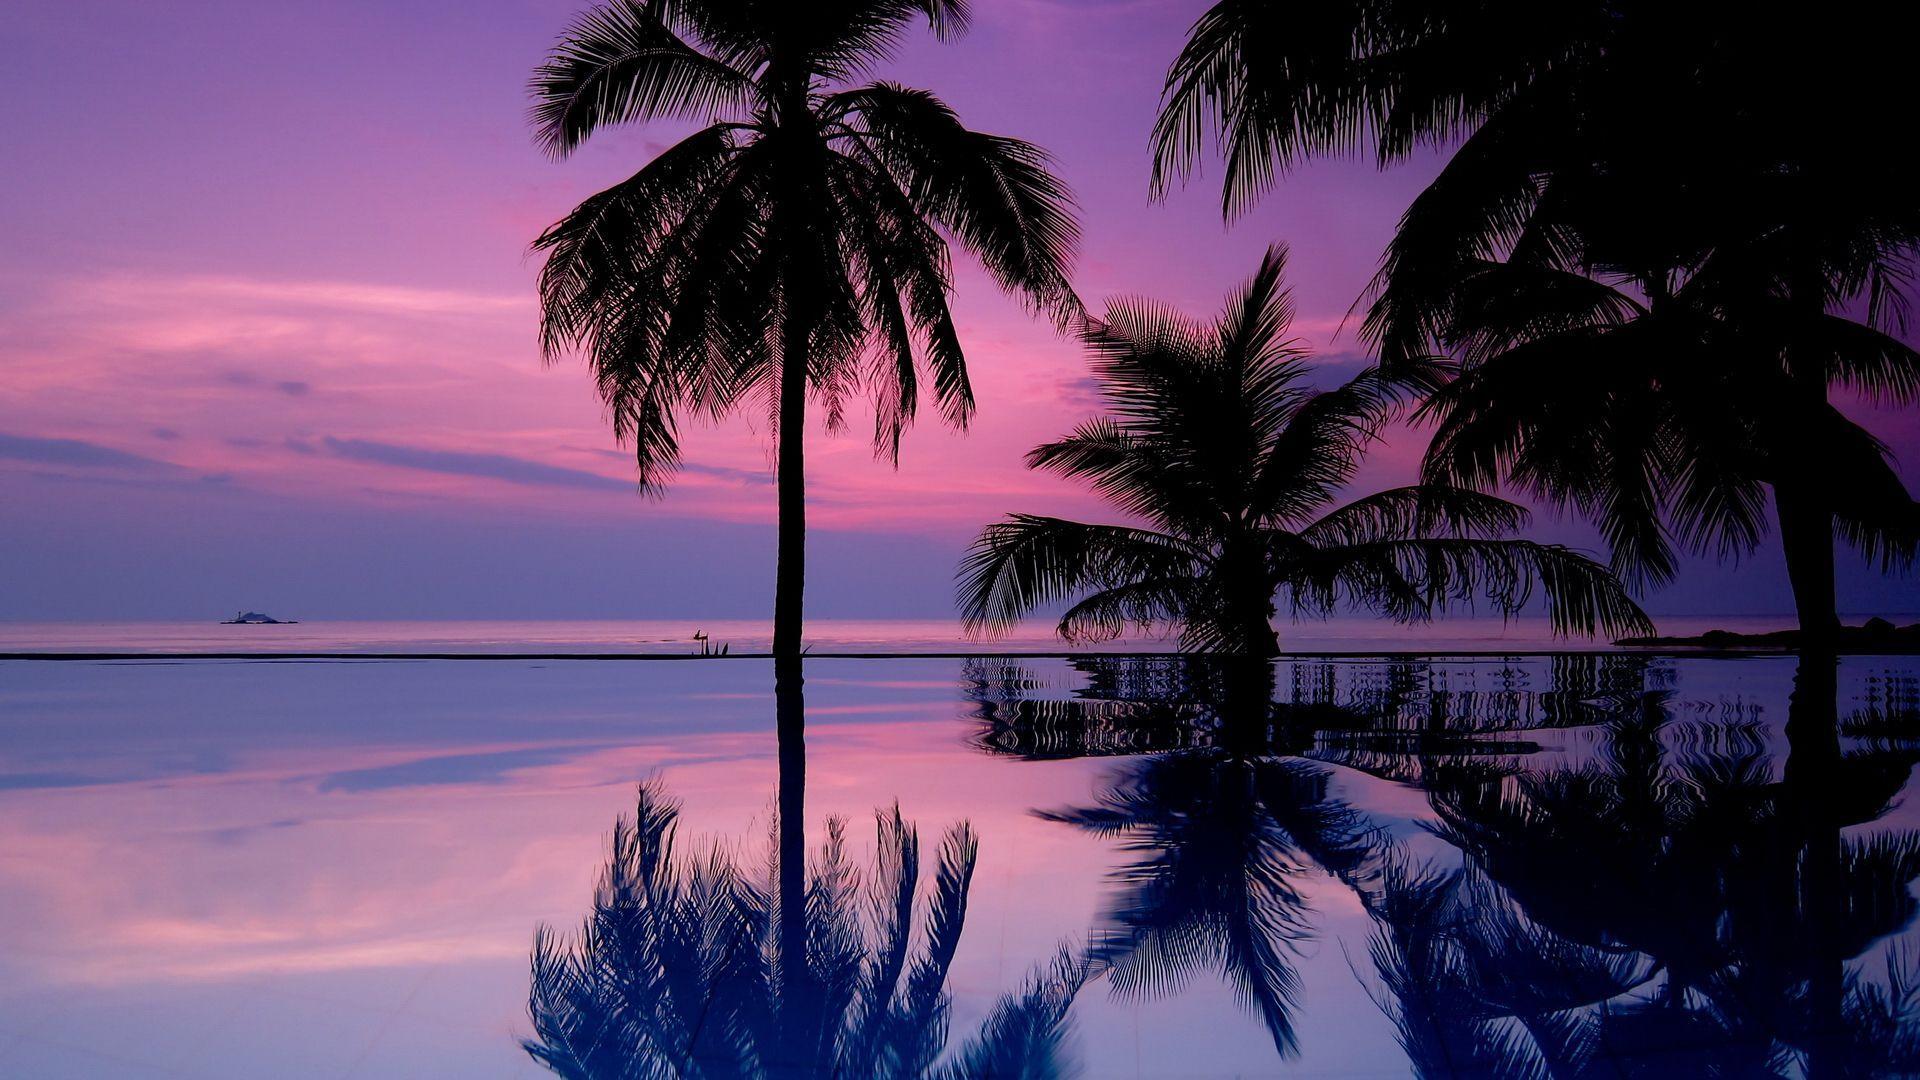 Palm Tree Sunset wallpaper hd